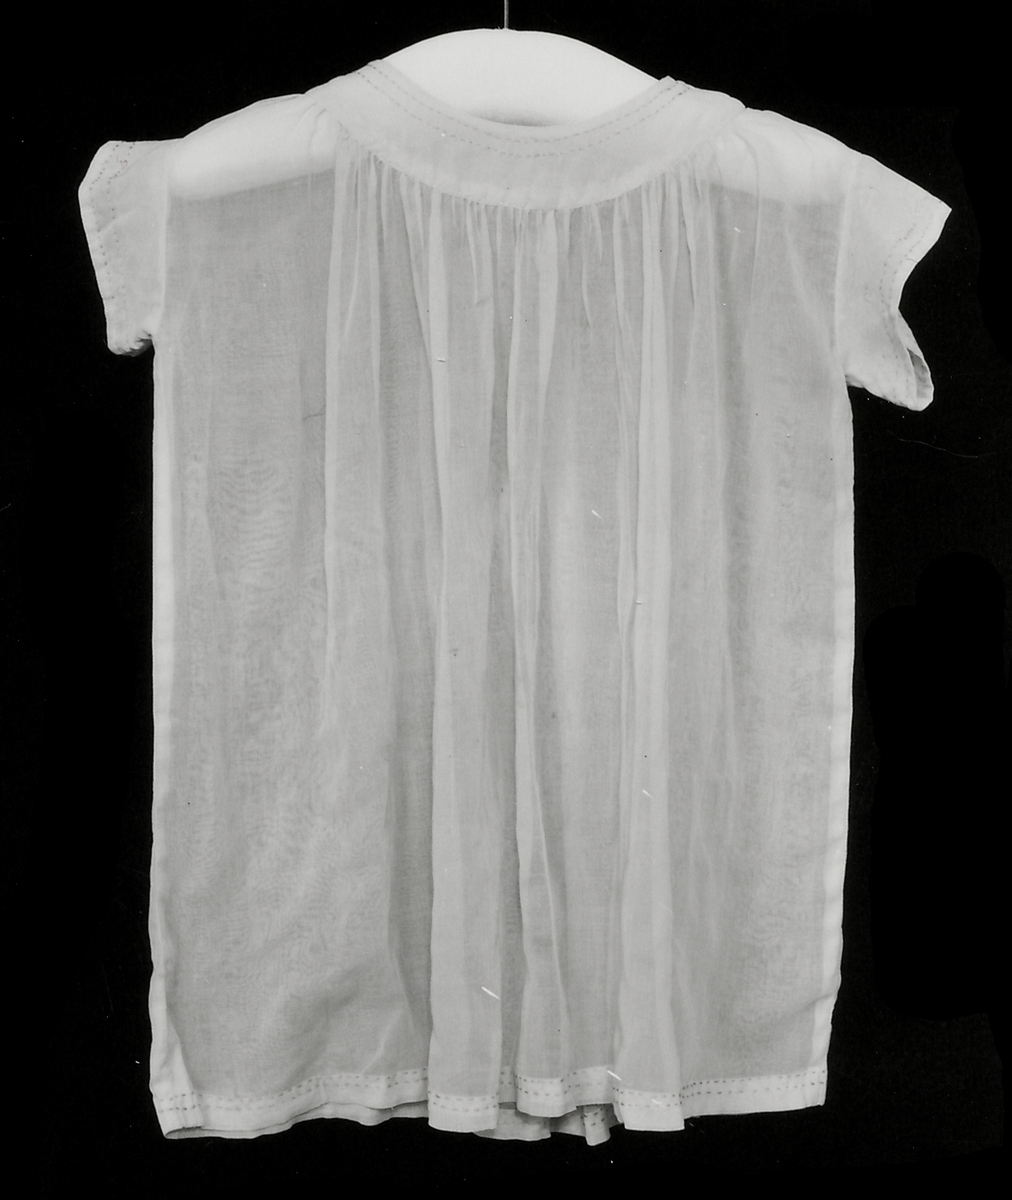 Barnklänning av aprikosfärgat, glest bomullstyg, typ batist. I halsen, runt ärmarna och nedtill dekorarad med enkla stygn. Maskinsydd. En tryckknapp i halsen.